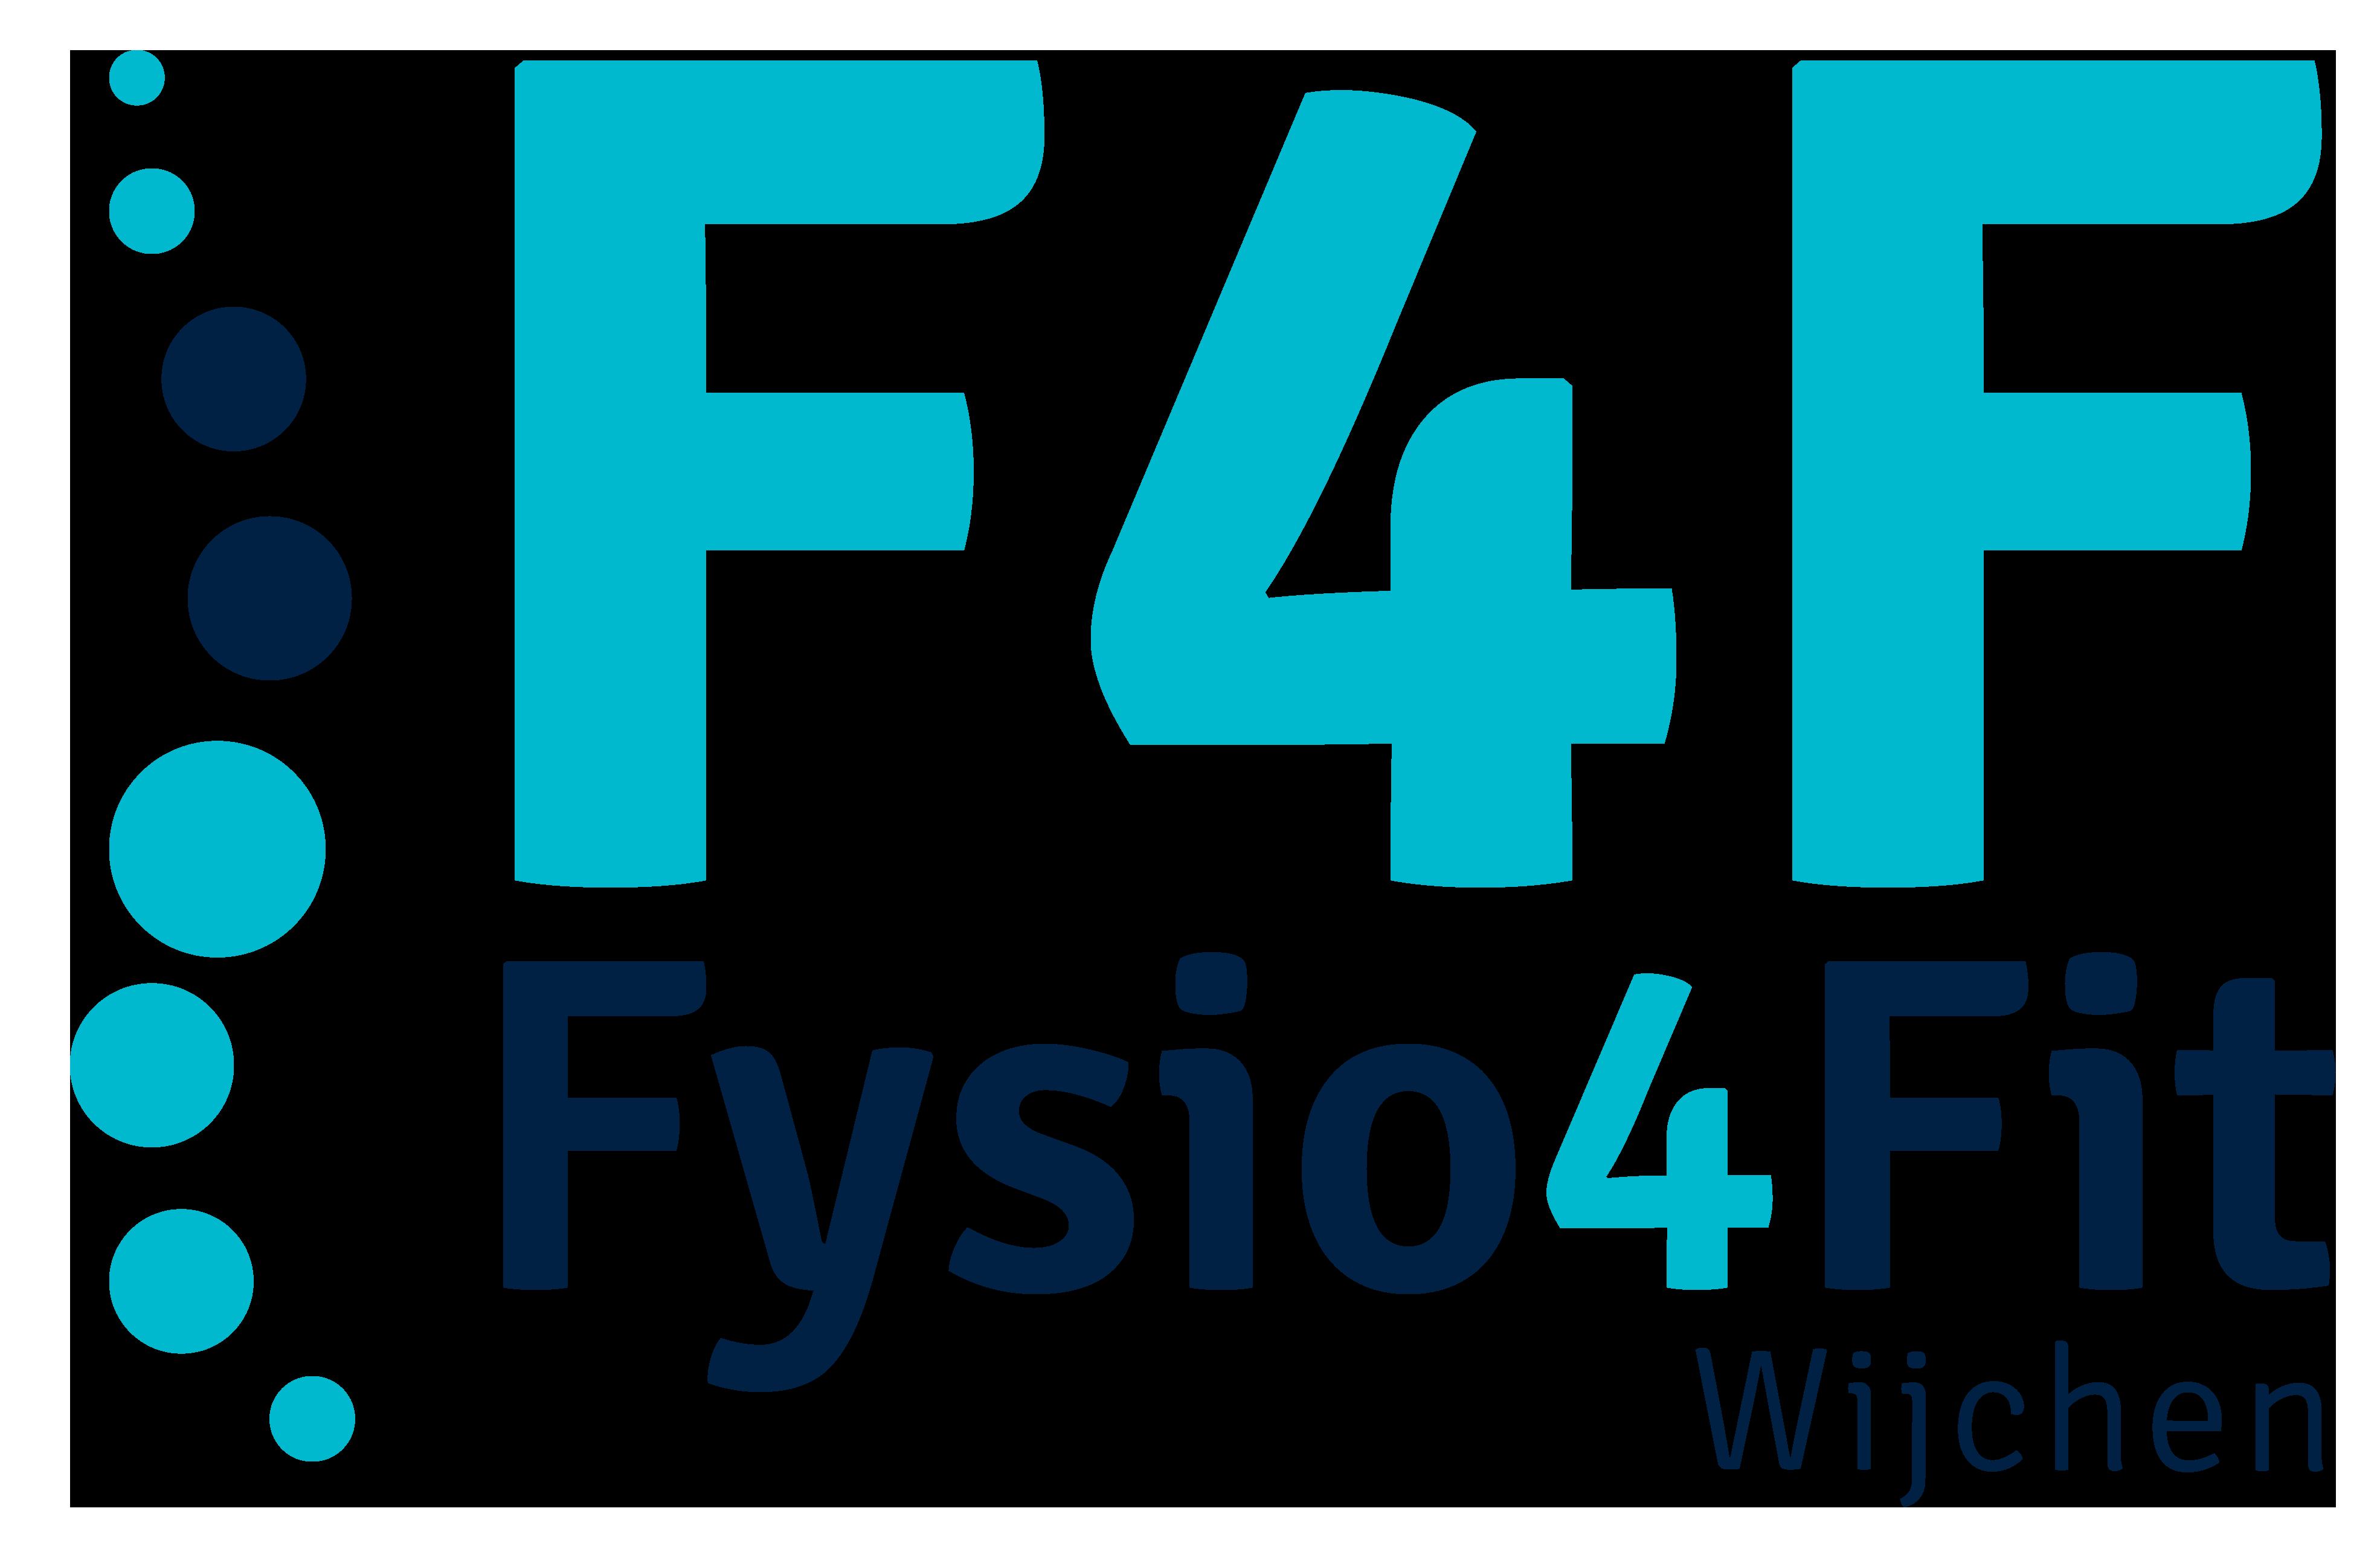 Logo Fysio4Fit